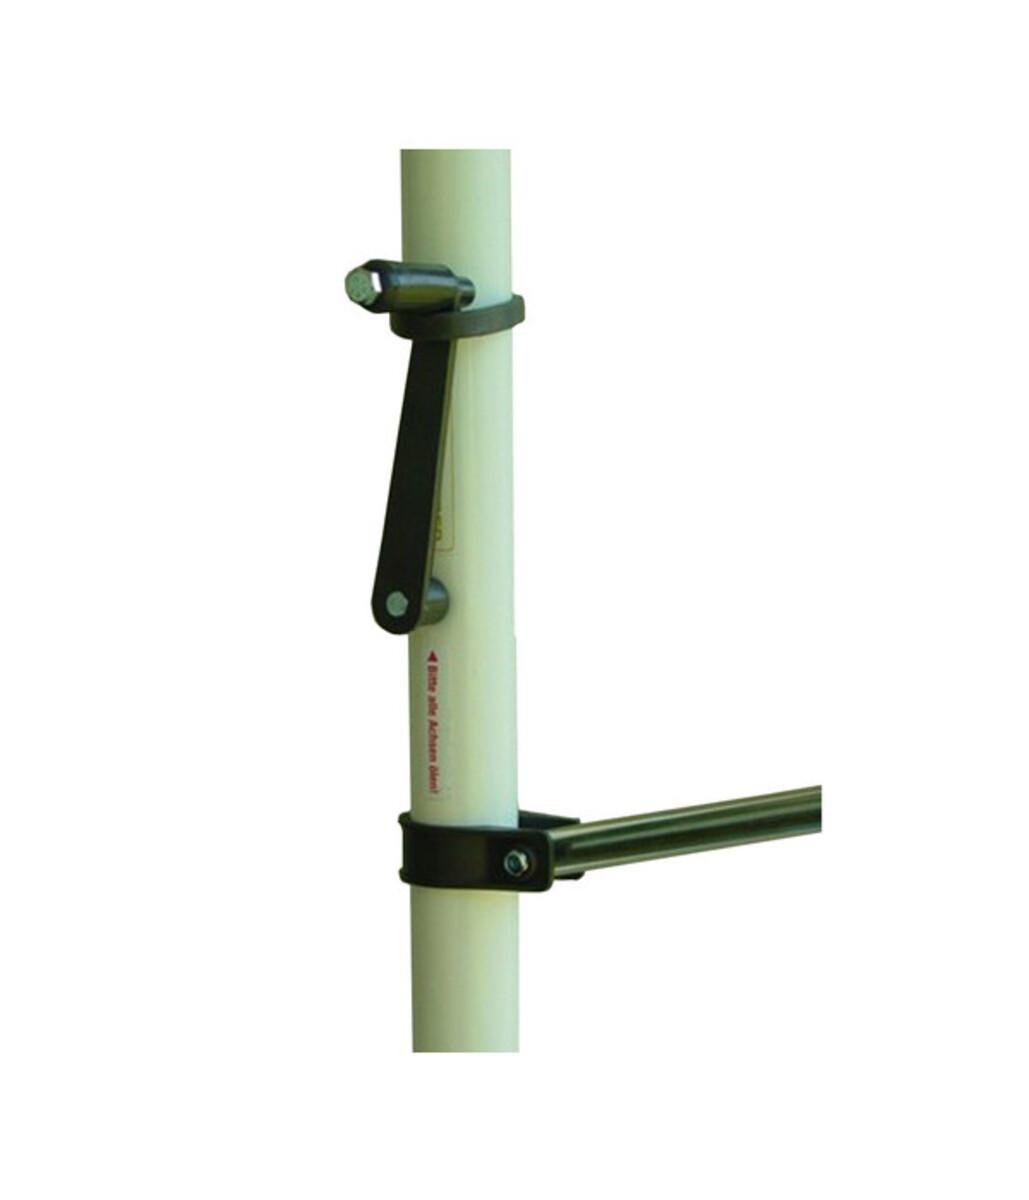 Bild 3 von Angerer Klemmmarkise grün-beige, unterschiedliche Breiten